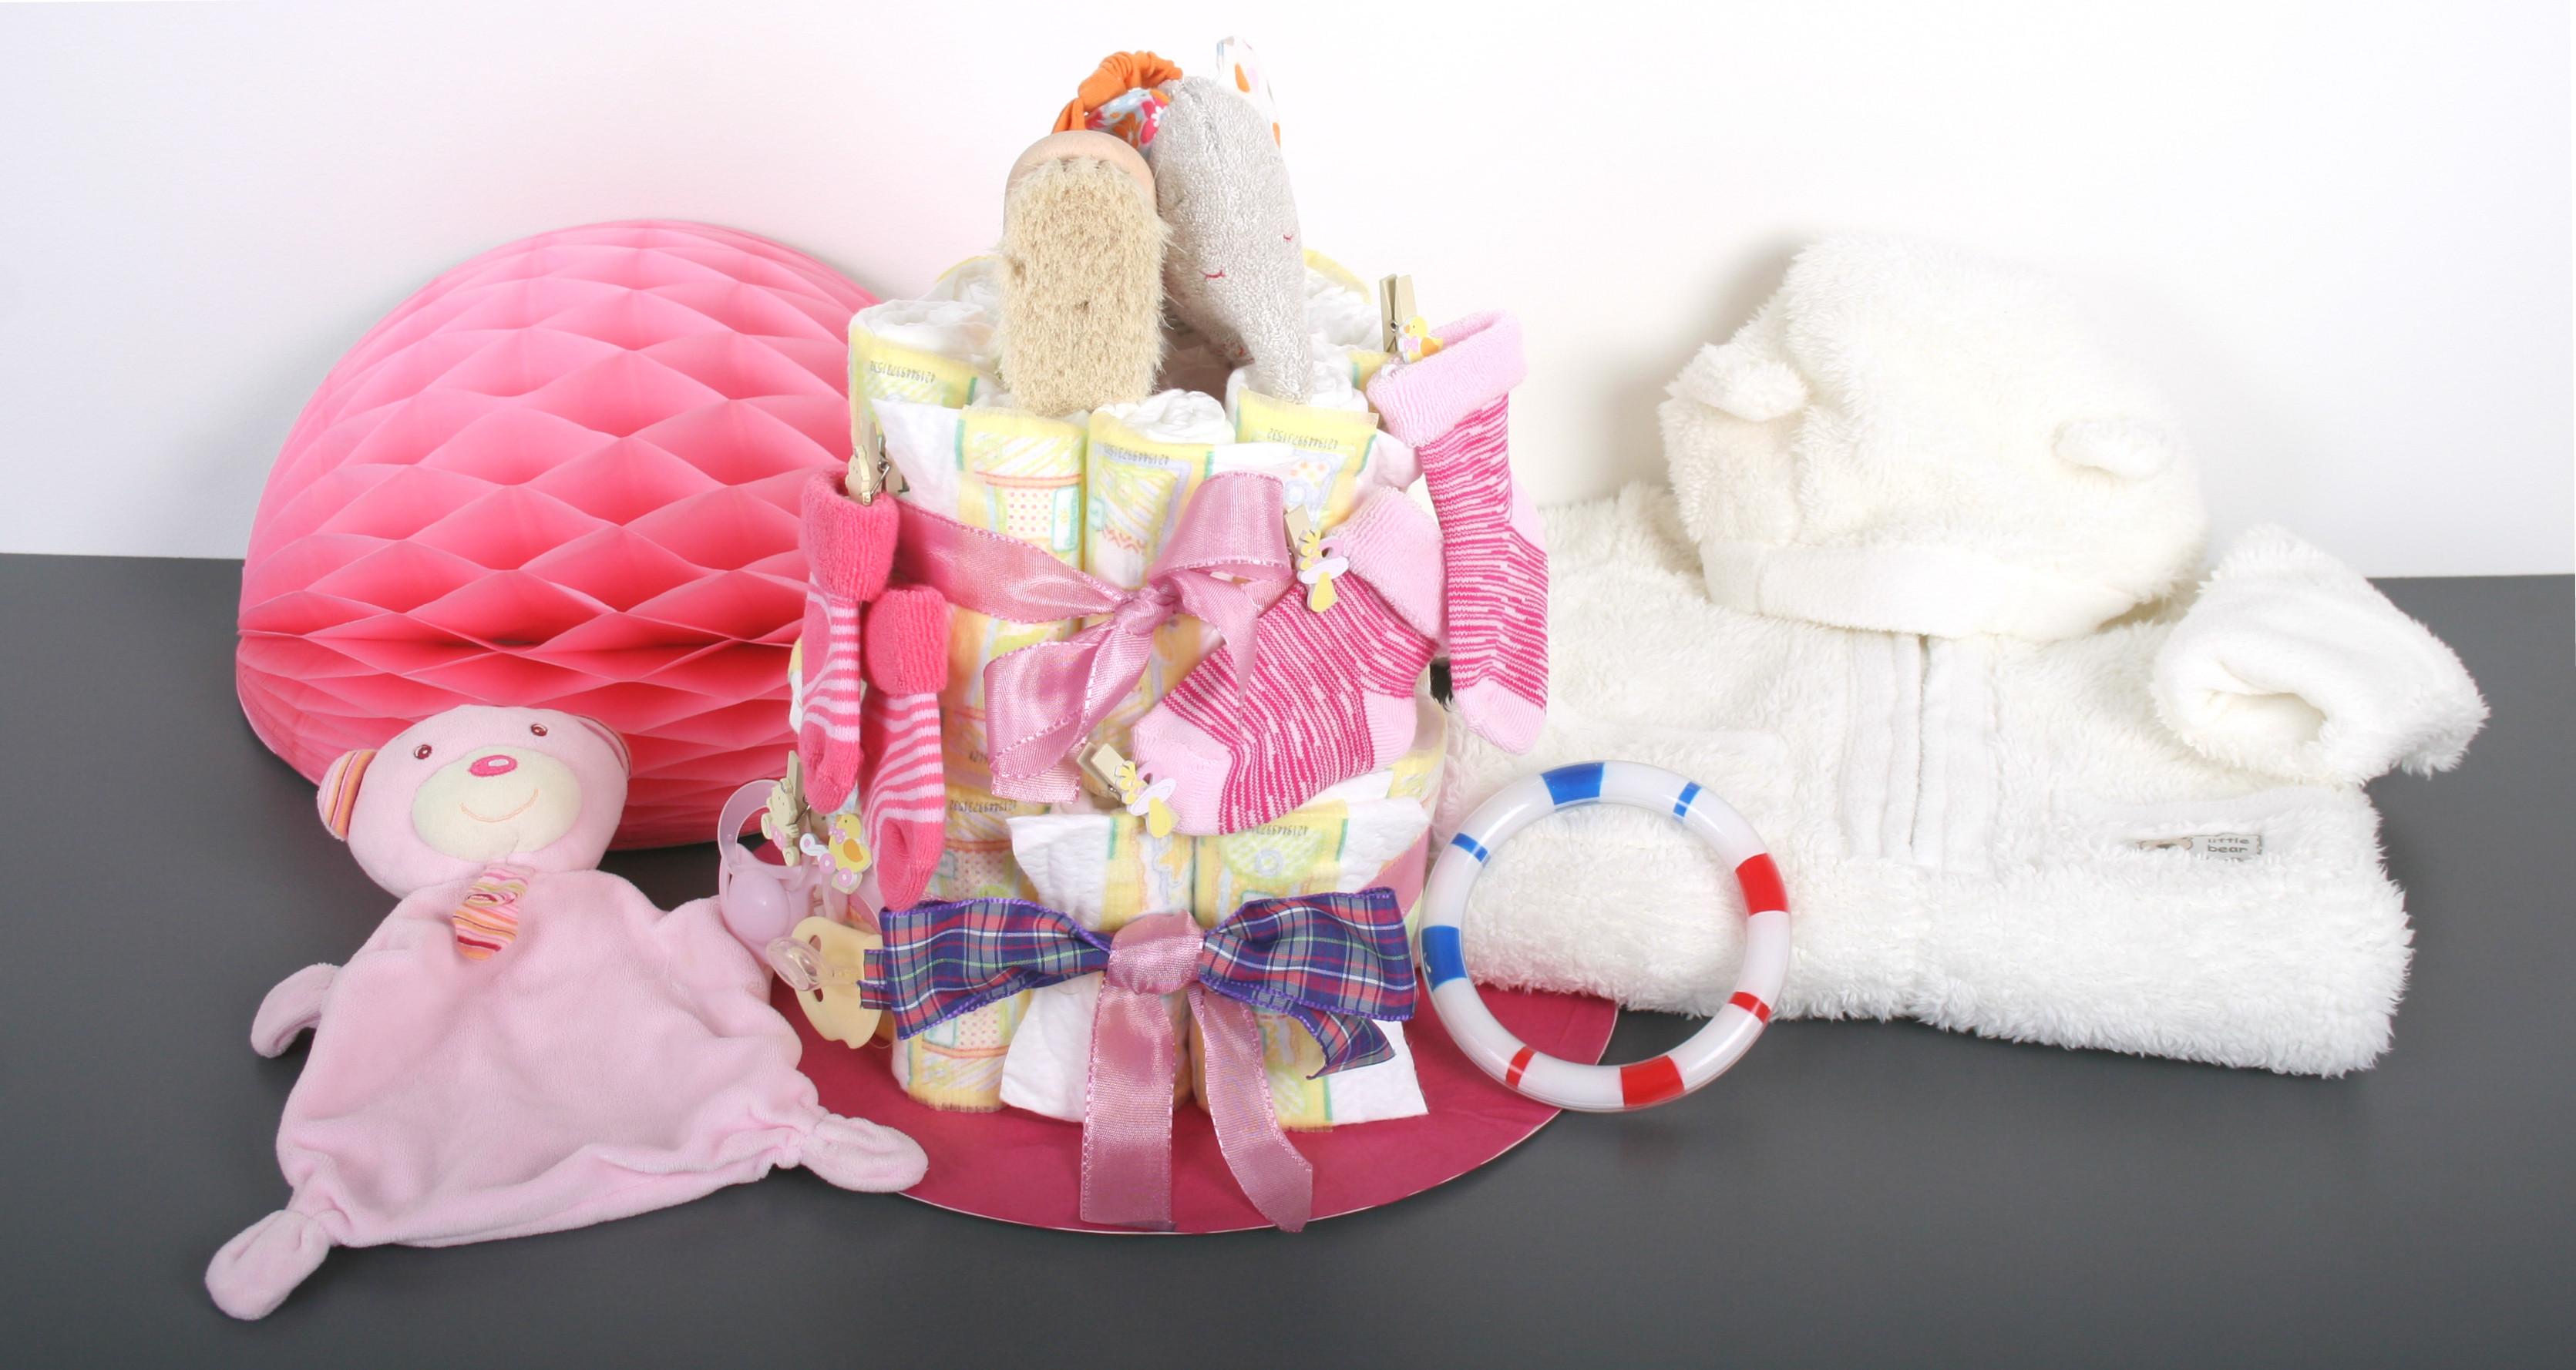 Baby Geschenke Selber Machen  Windeltorte selber machen Anleitung